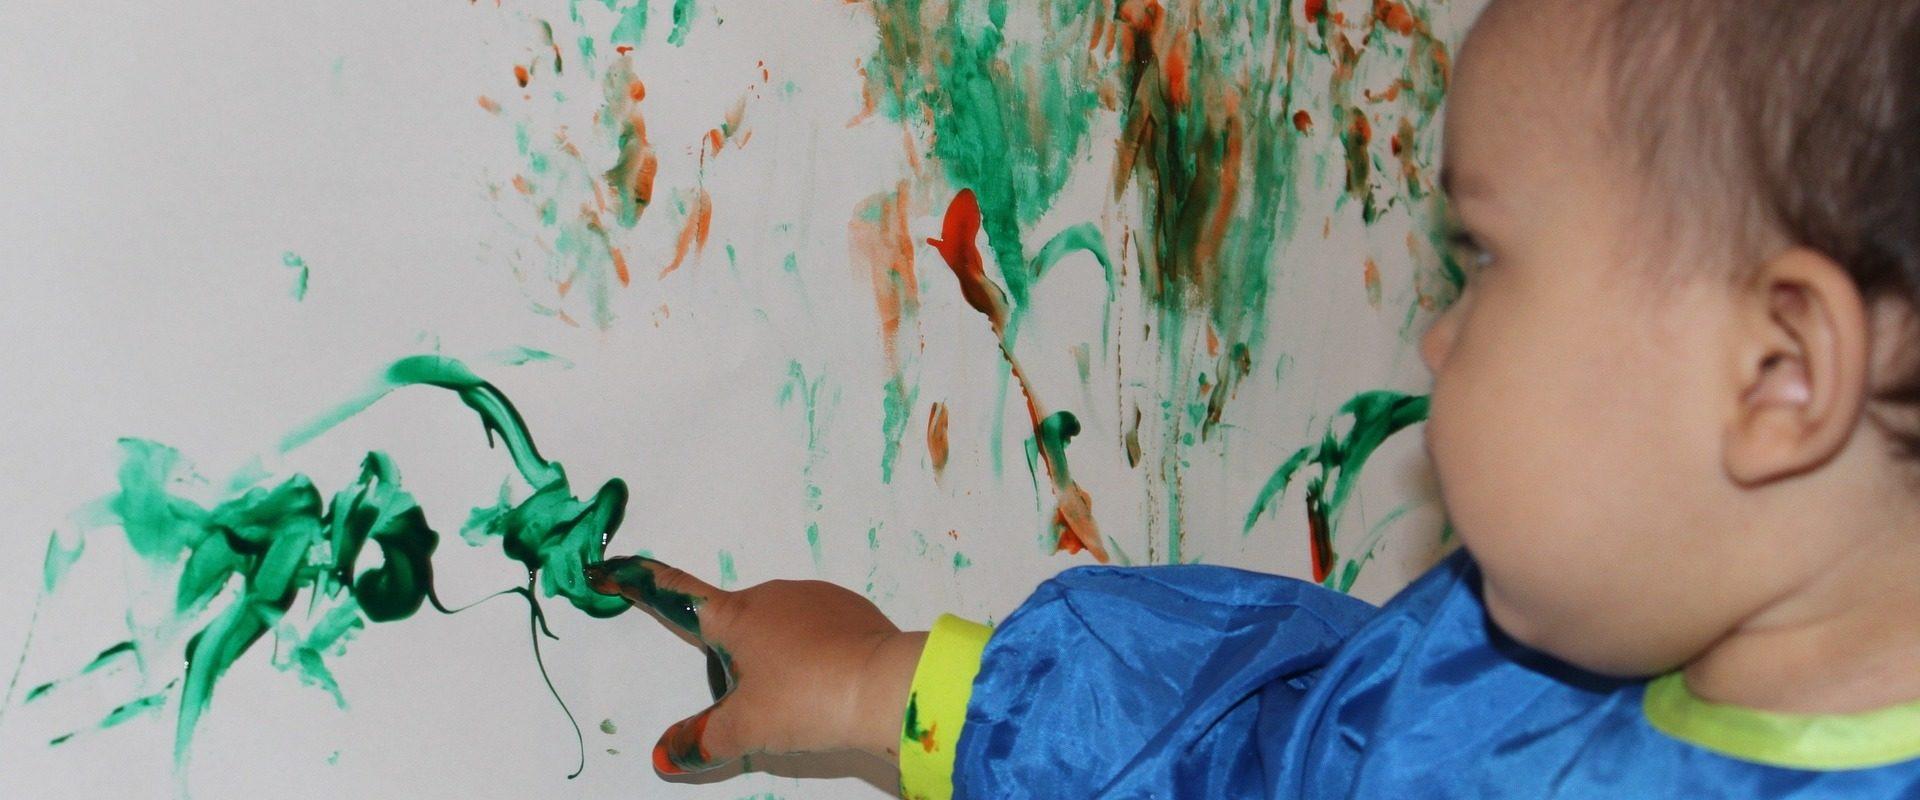 [ANNULÉS] Dimanche 15 mars – Petite enfance : Ateliers peinture et argile